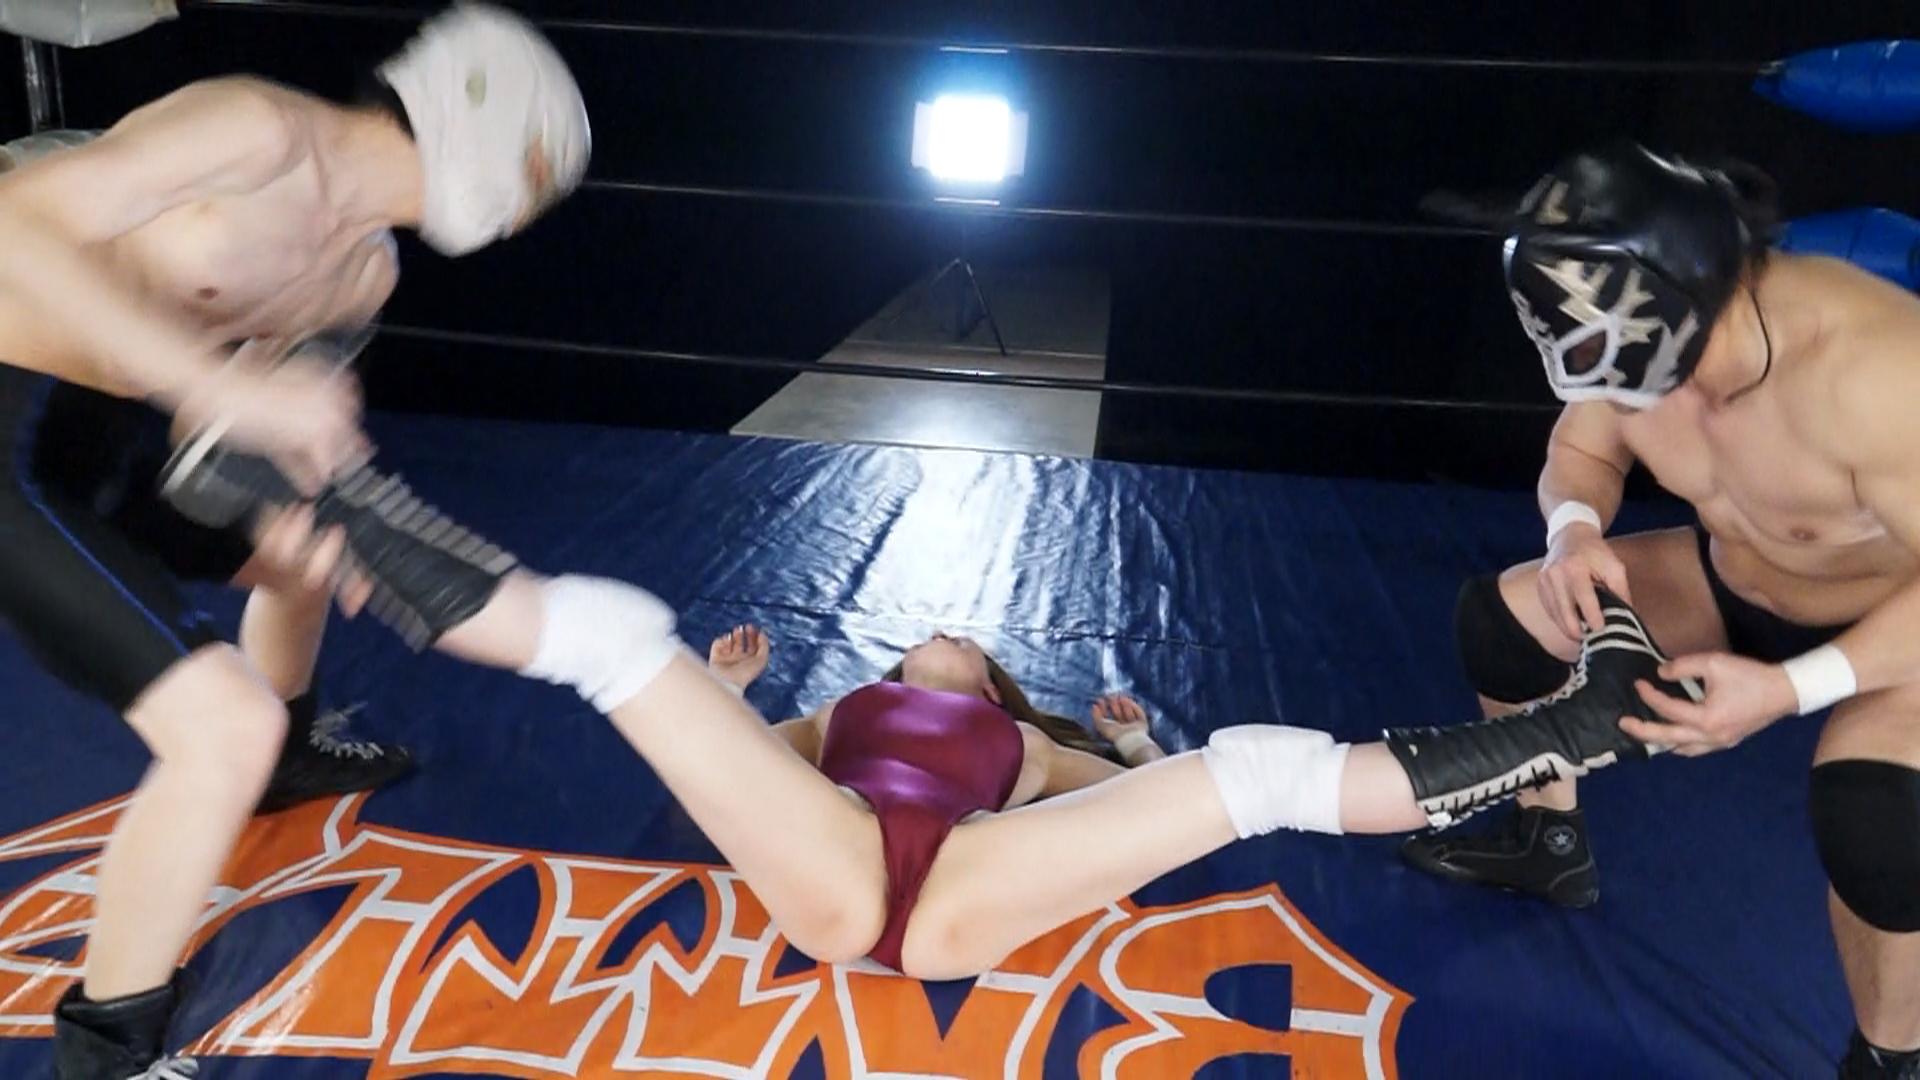 【新特別価格】陵辱ハンディキャップマッチ Volume.3 サンプル画像05